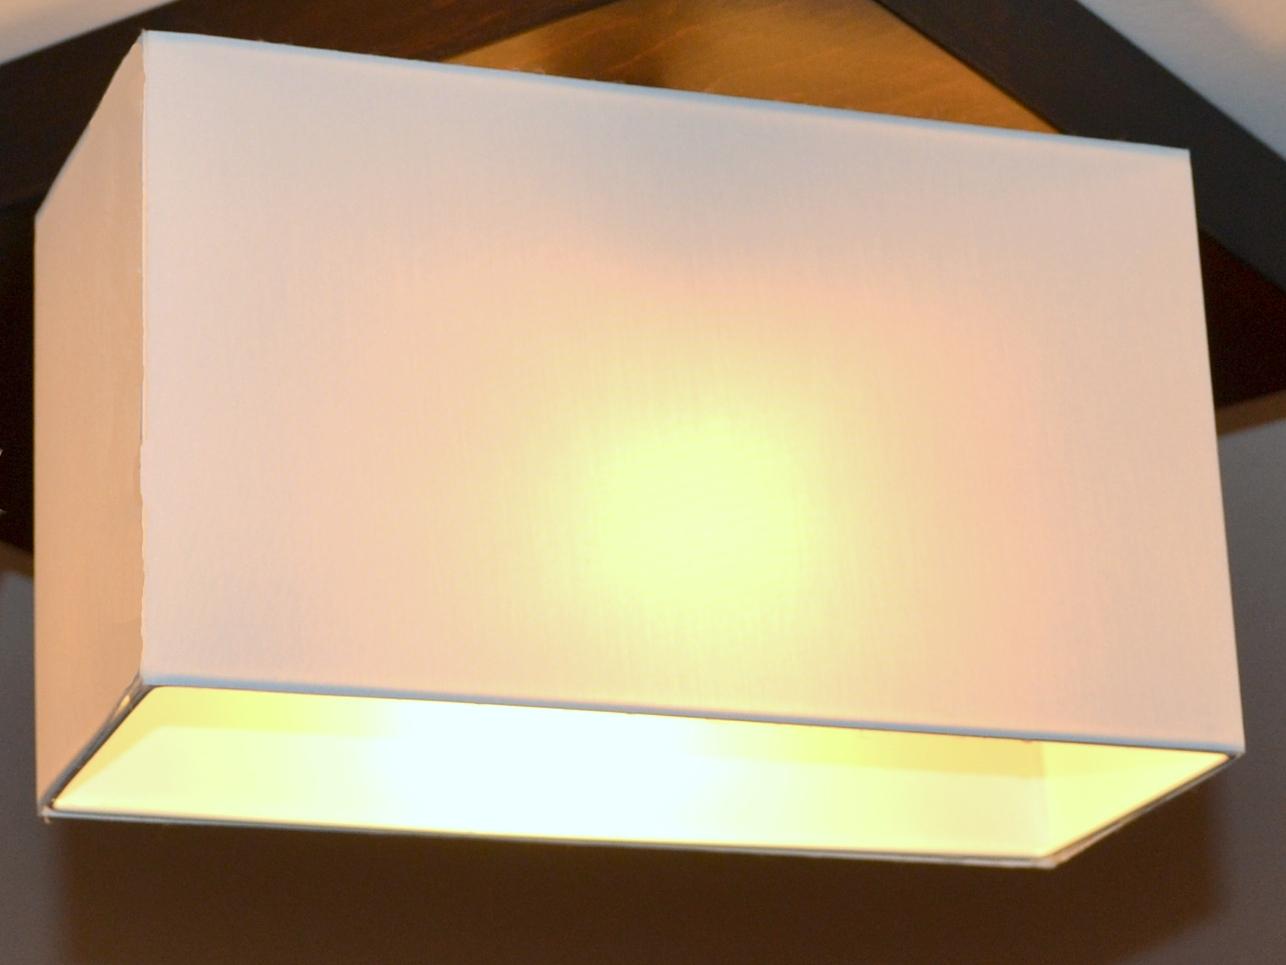 Deckenlampe Deckenleuchte Lampe Leuchte TOP DESIGN 4 ...